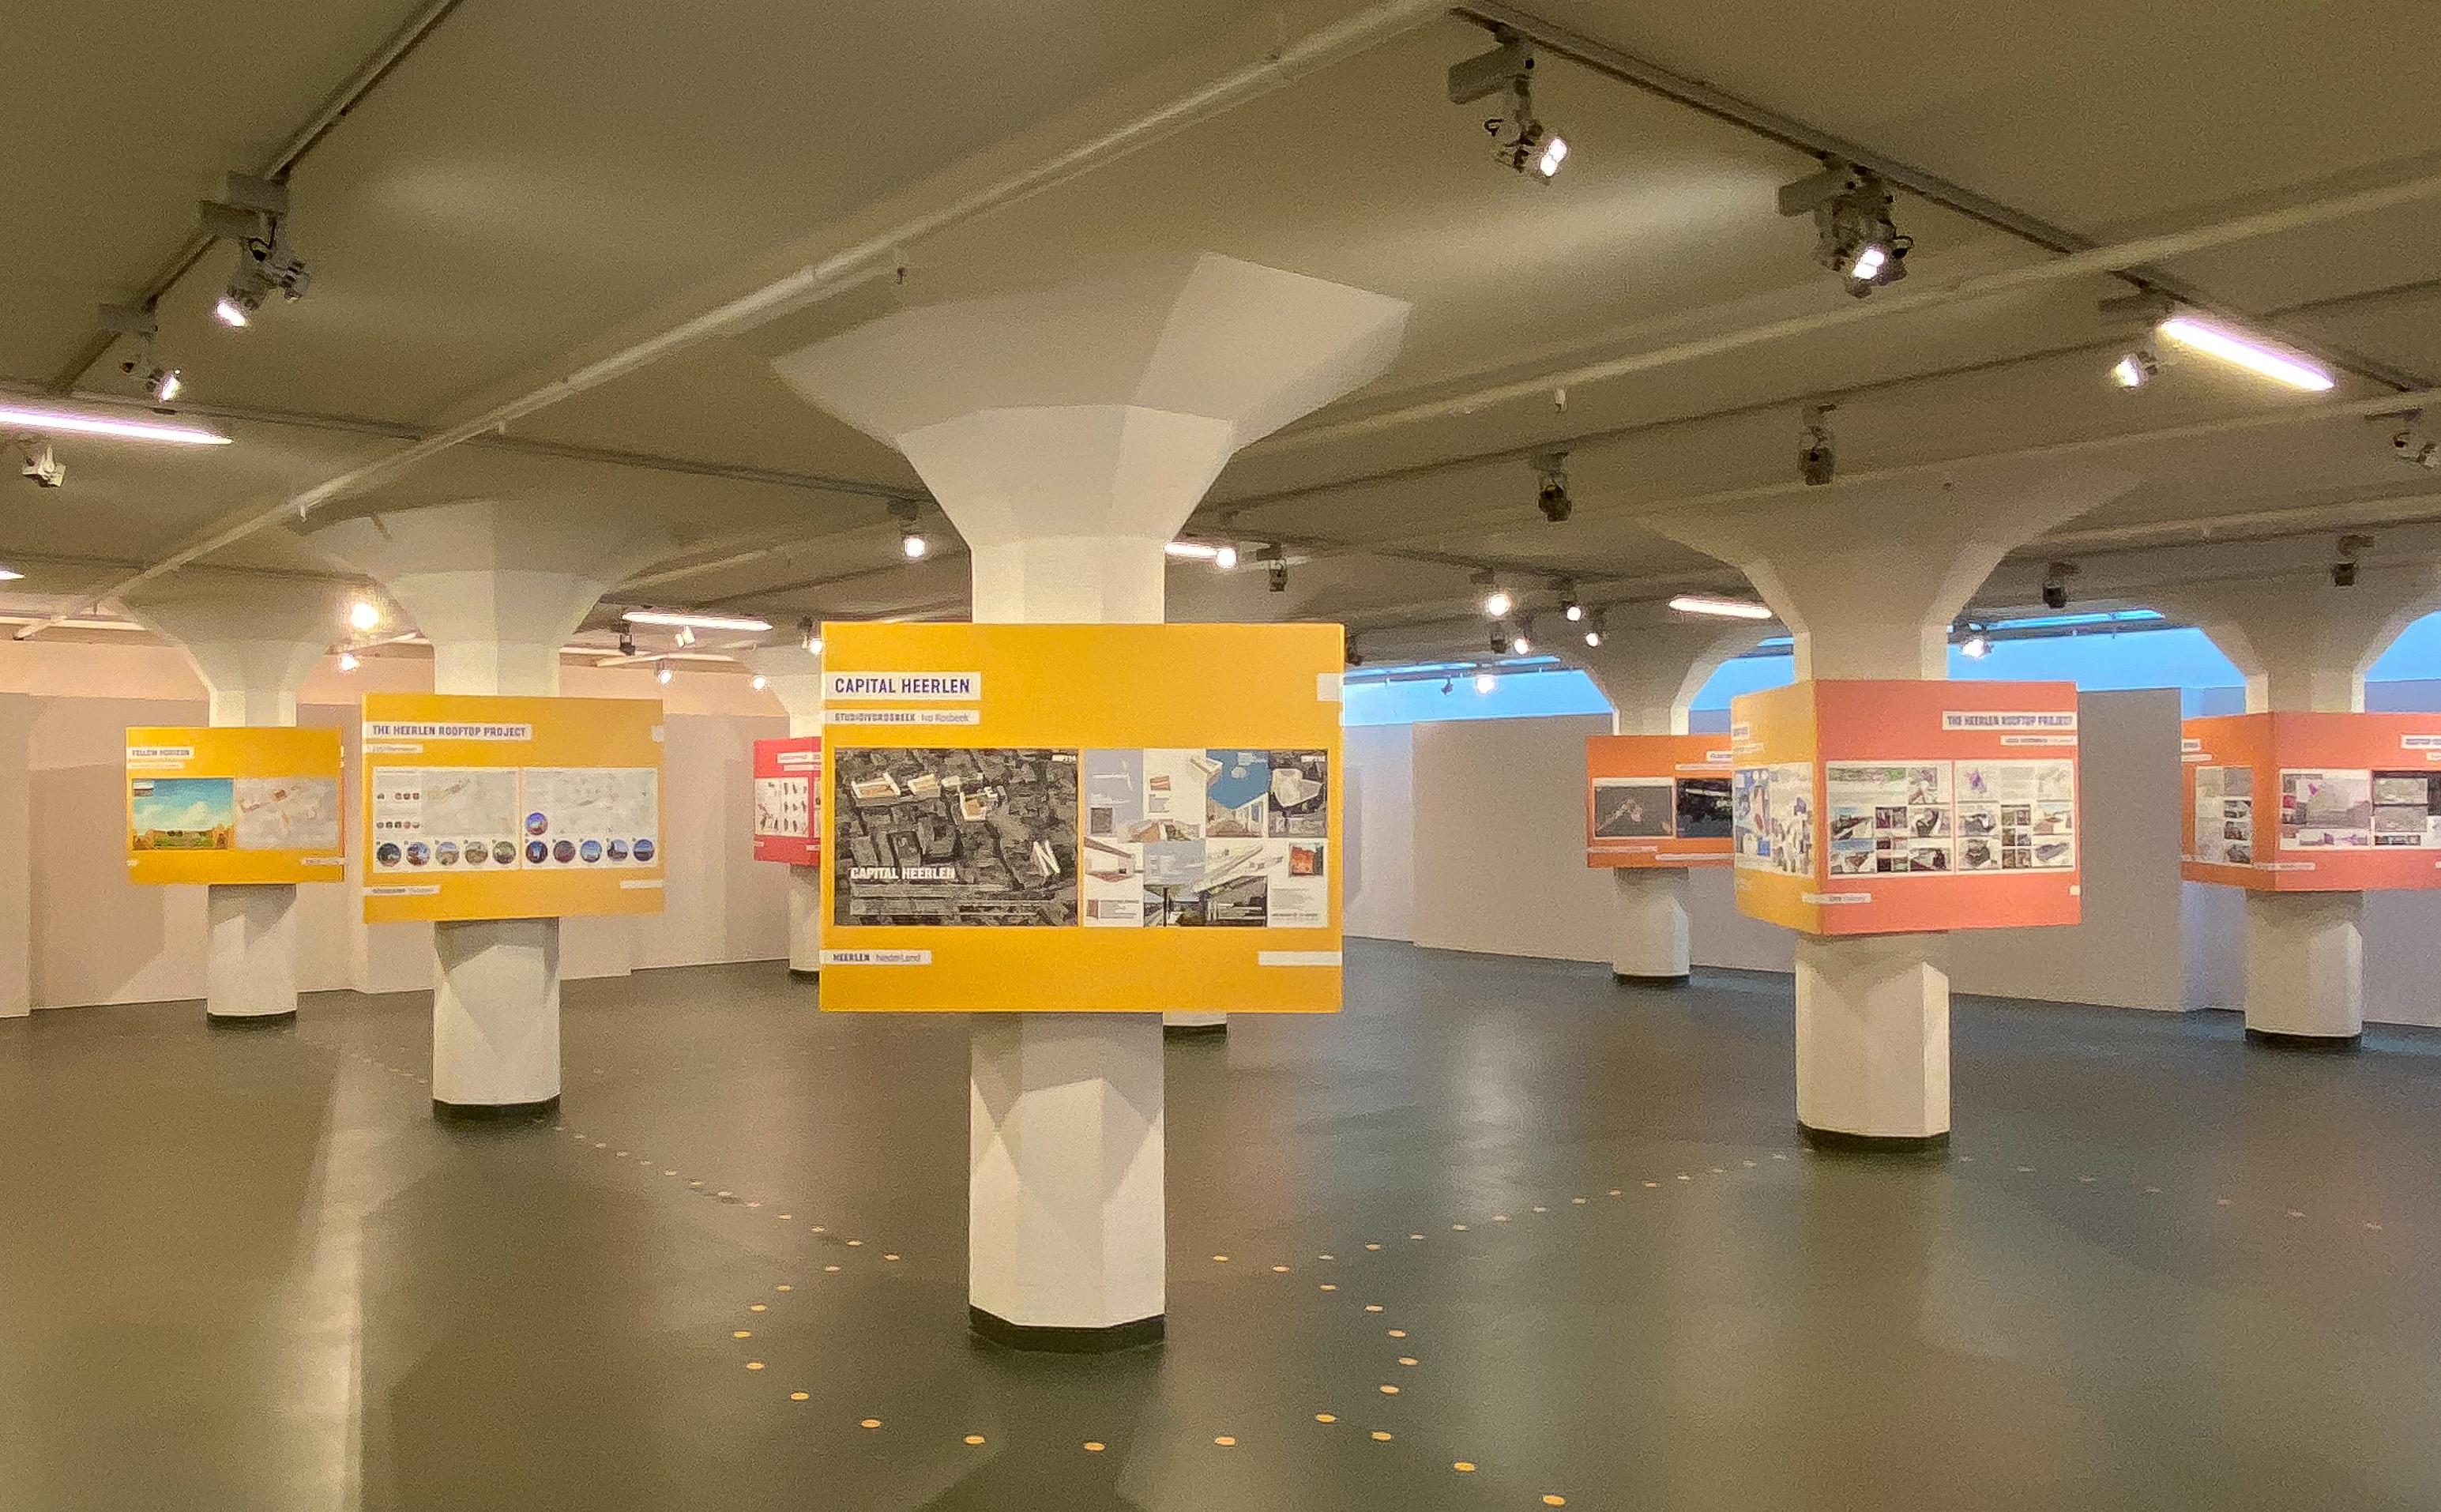 tentoonstelling 'uit je dak' in Schunck Heerlen